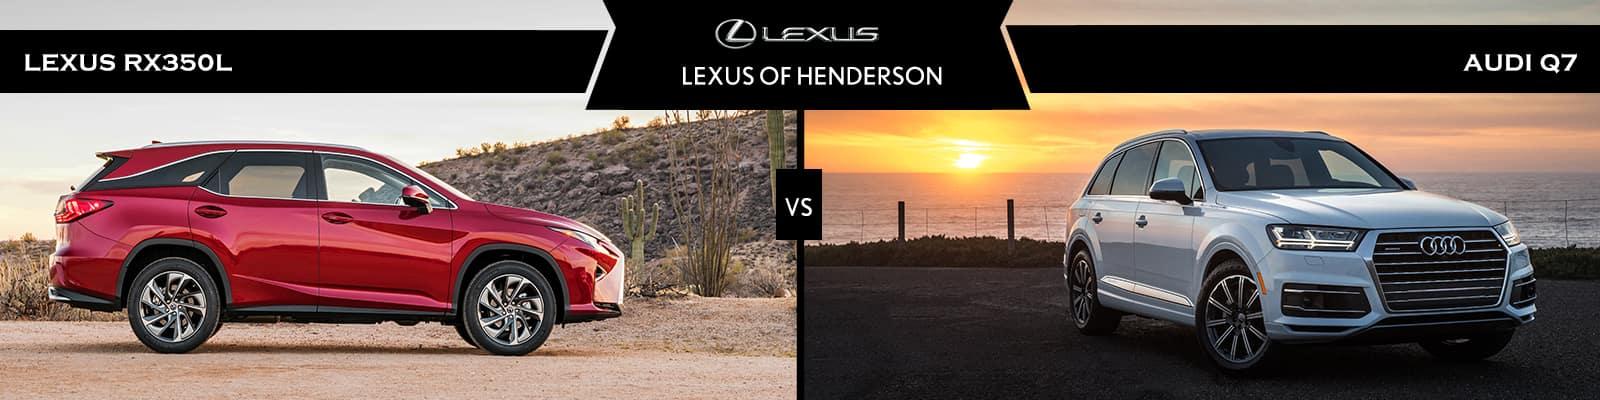 Lexus RX 350L vs Audi Q7